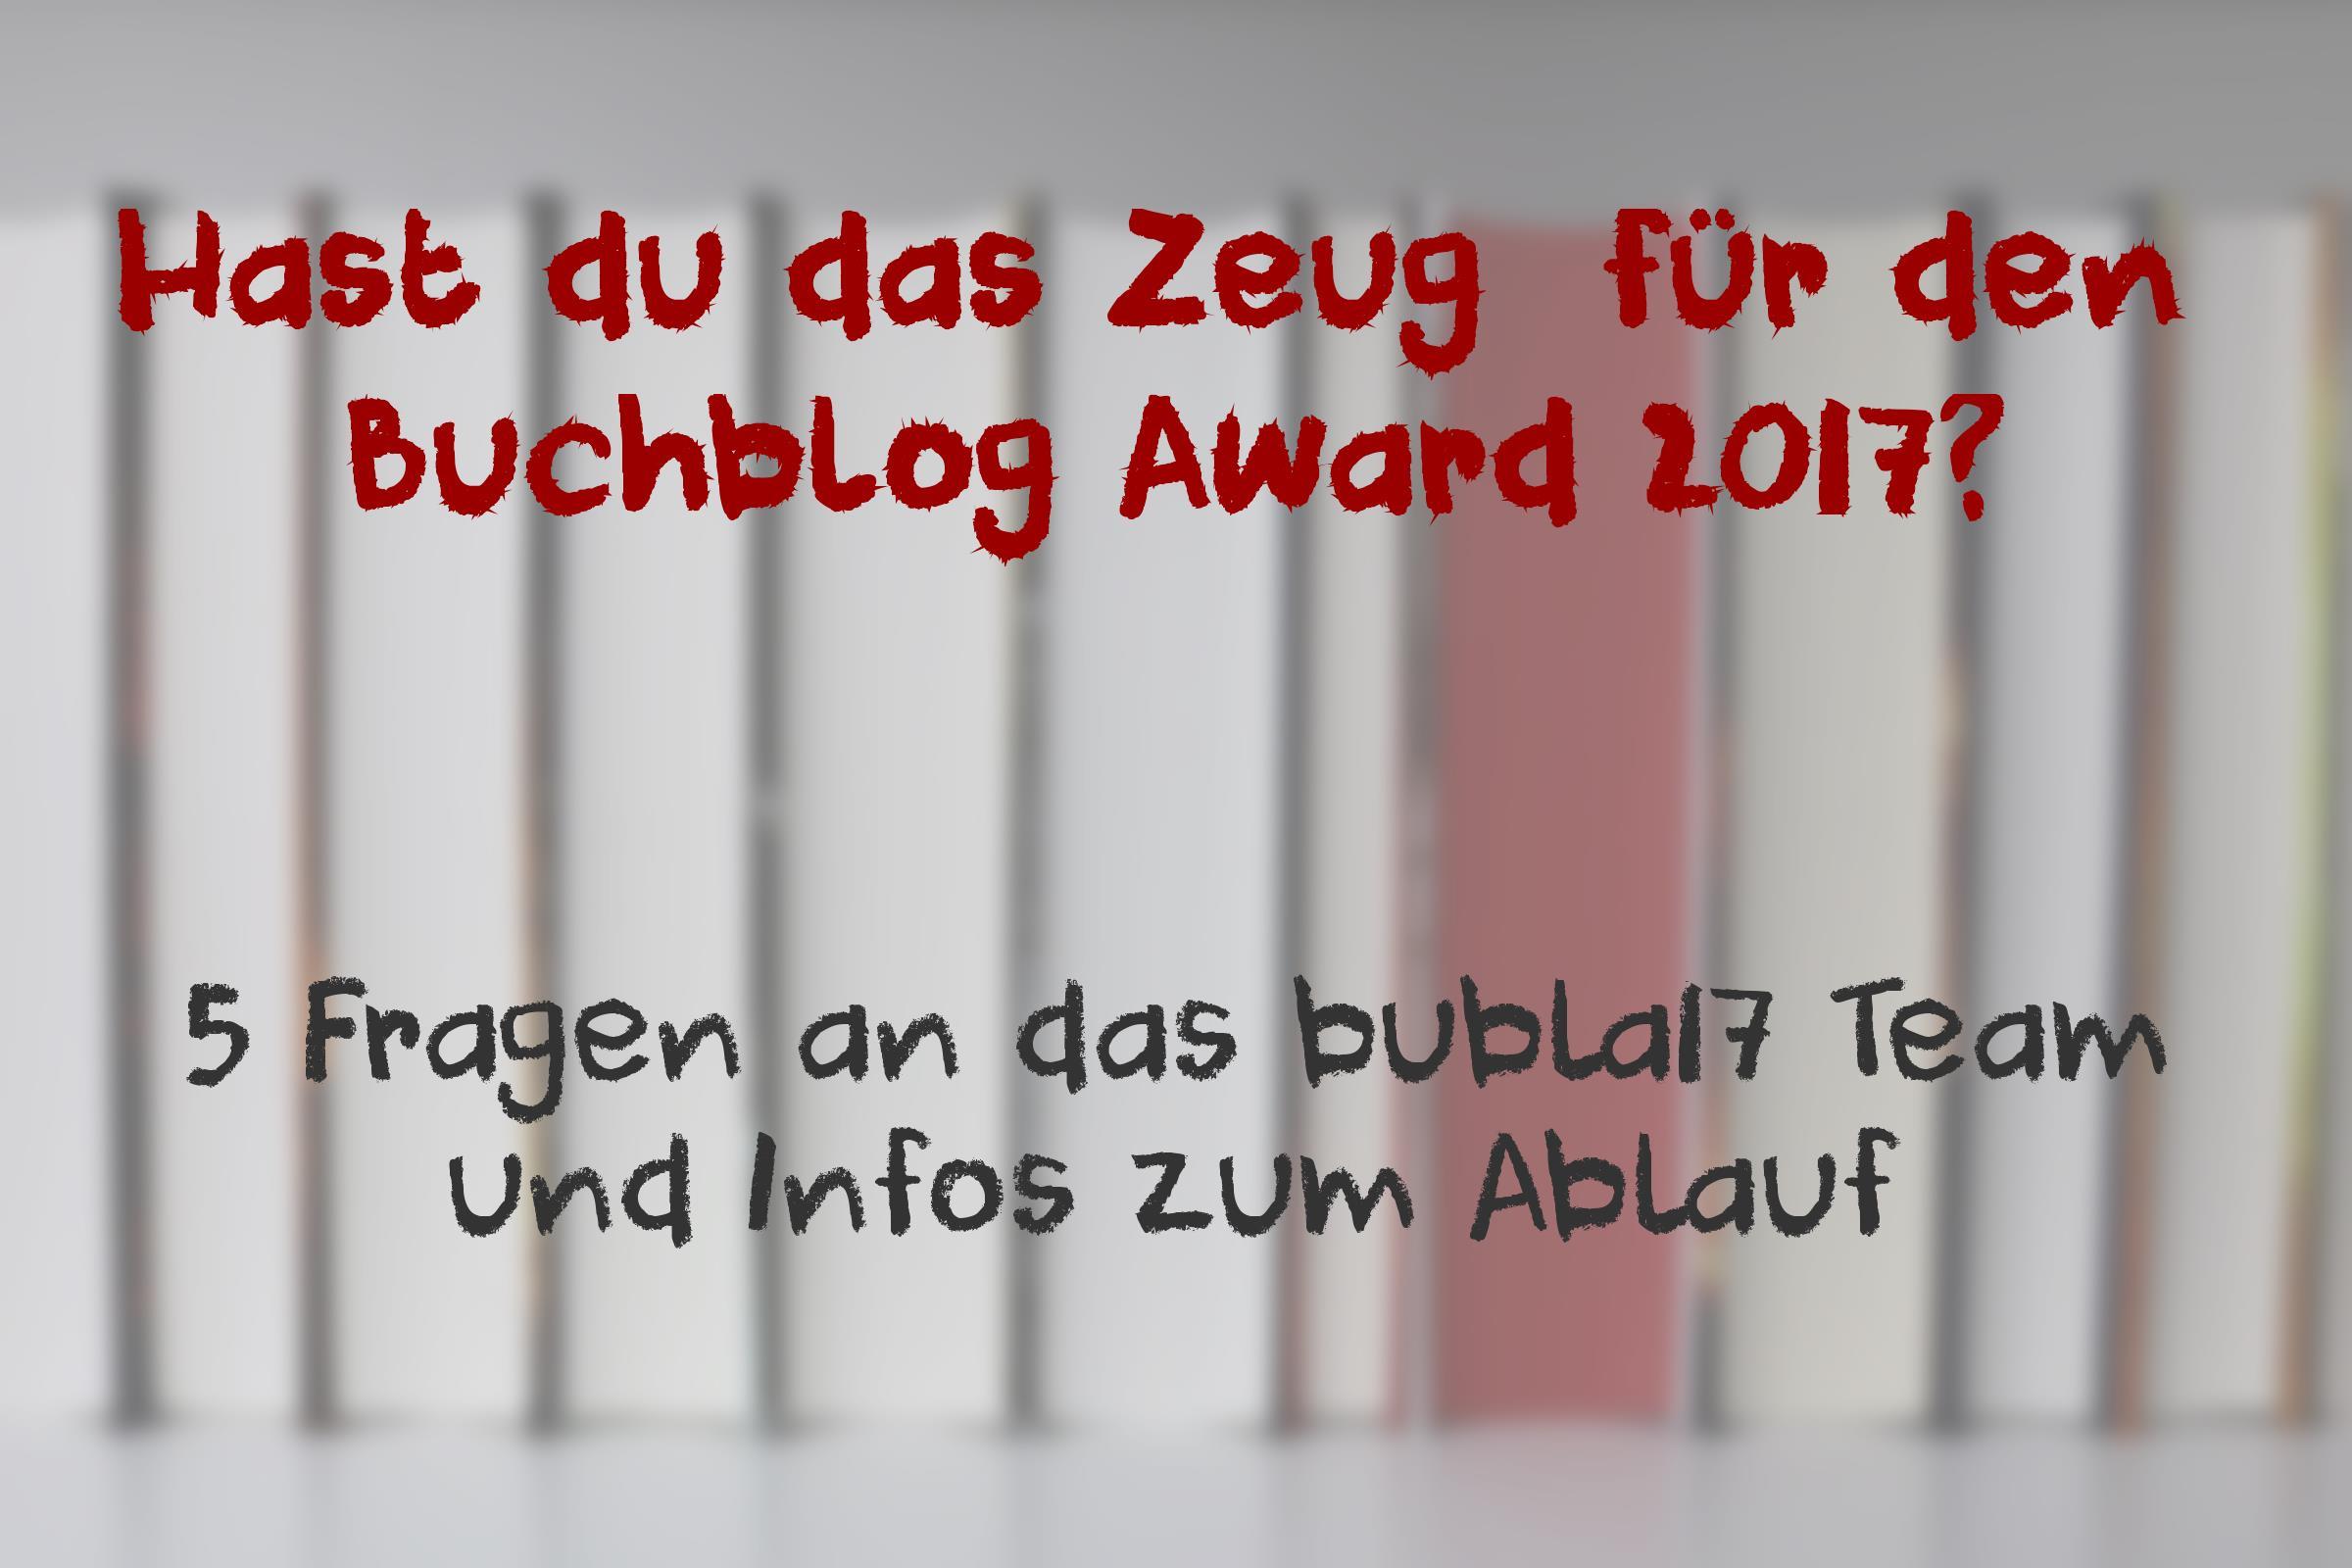 Buchblog Award 2017